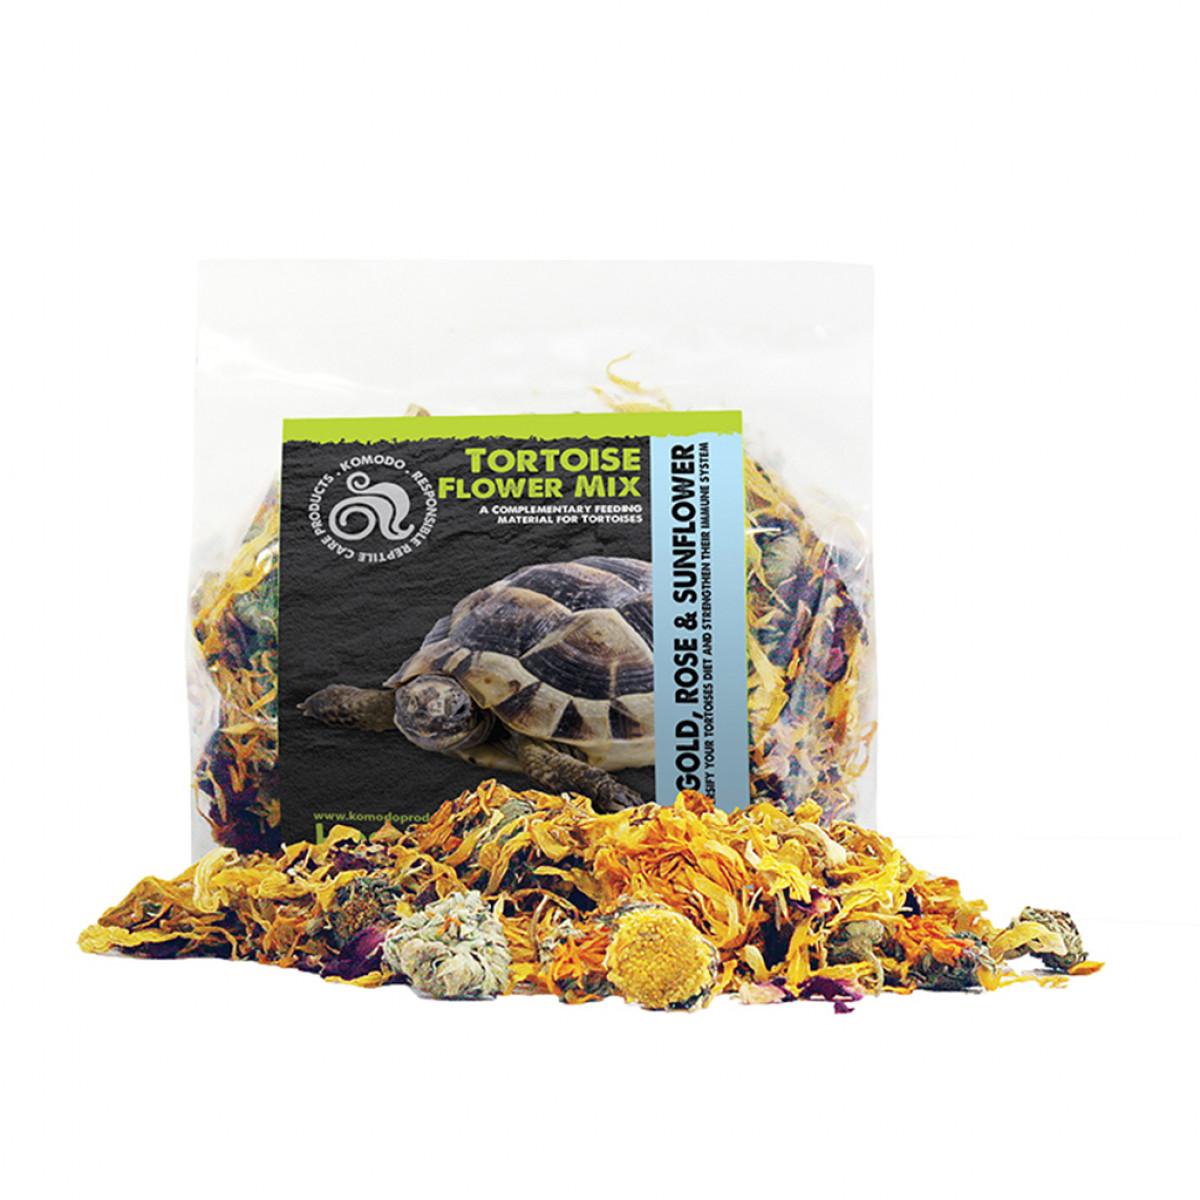 Komodo Tortoise Flower Mix, 60g